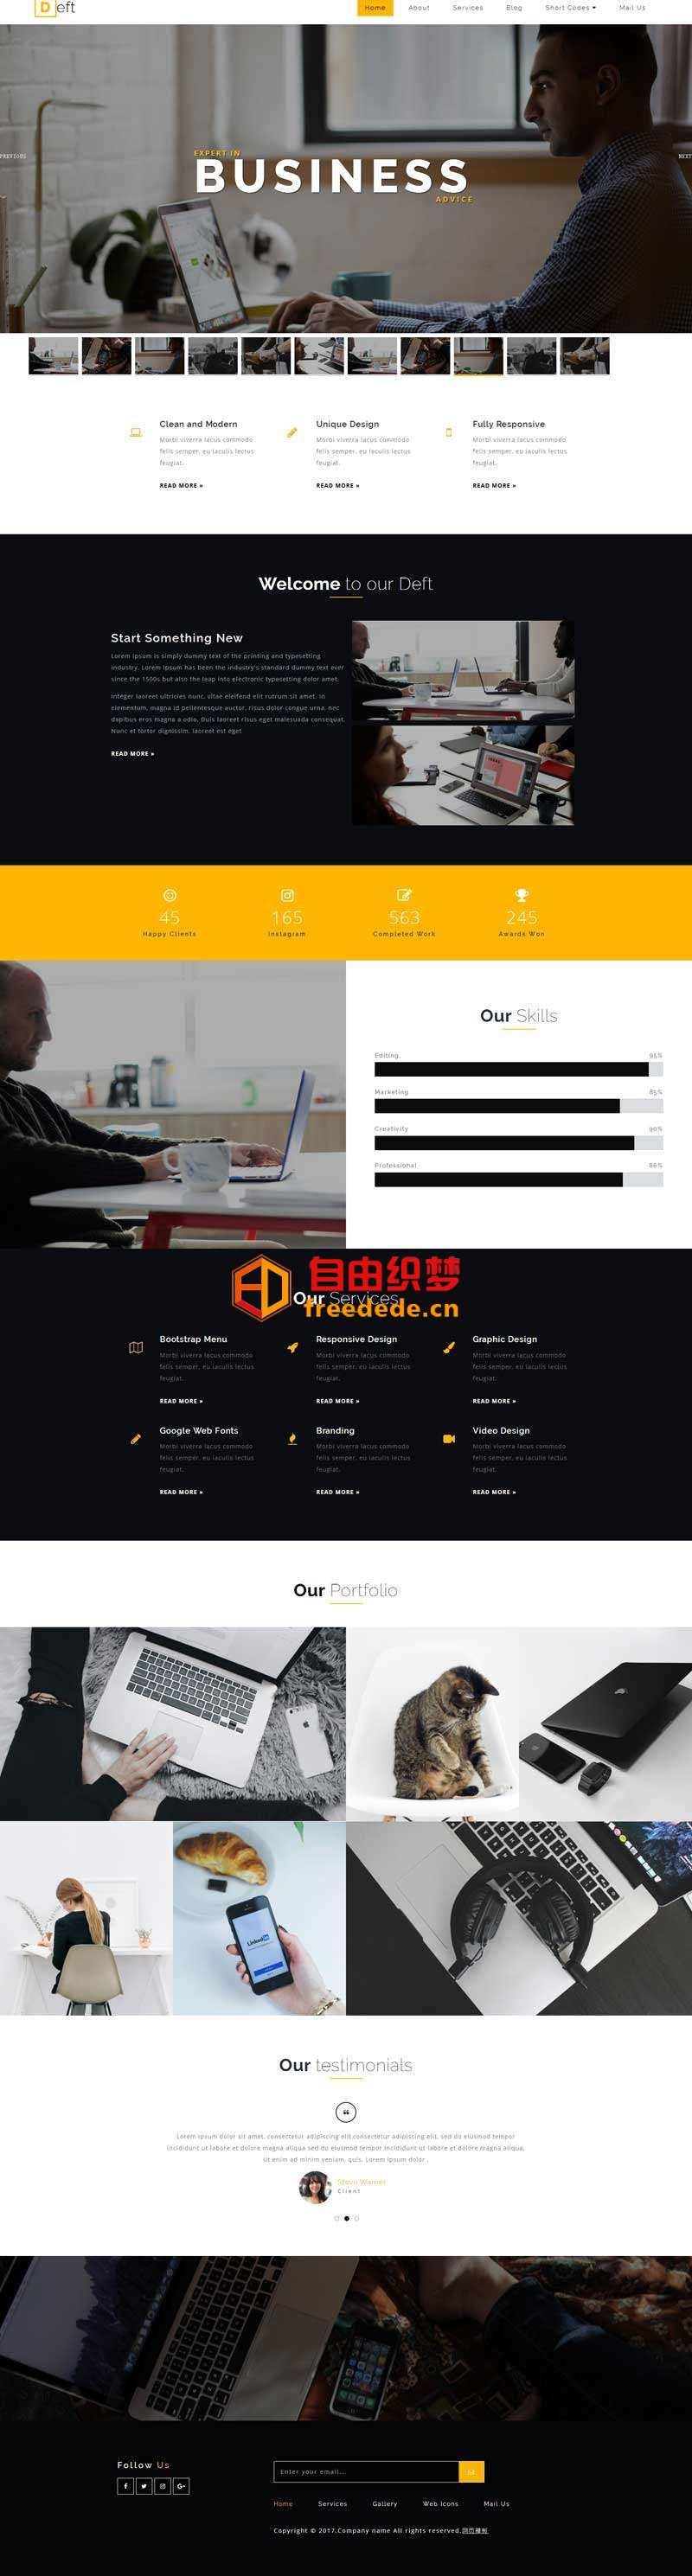 爱上源码网文章黄色宽屏的商务咨询服务公司网页模板的内容插图